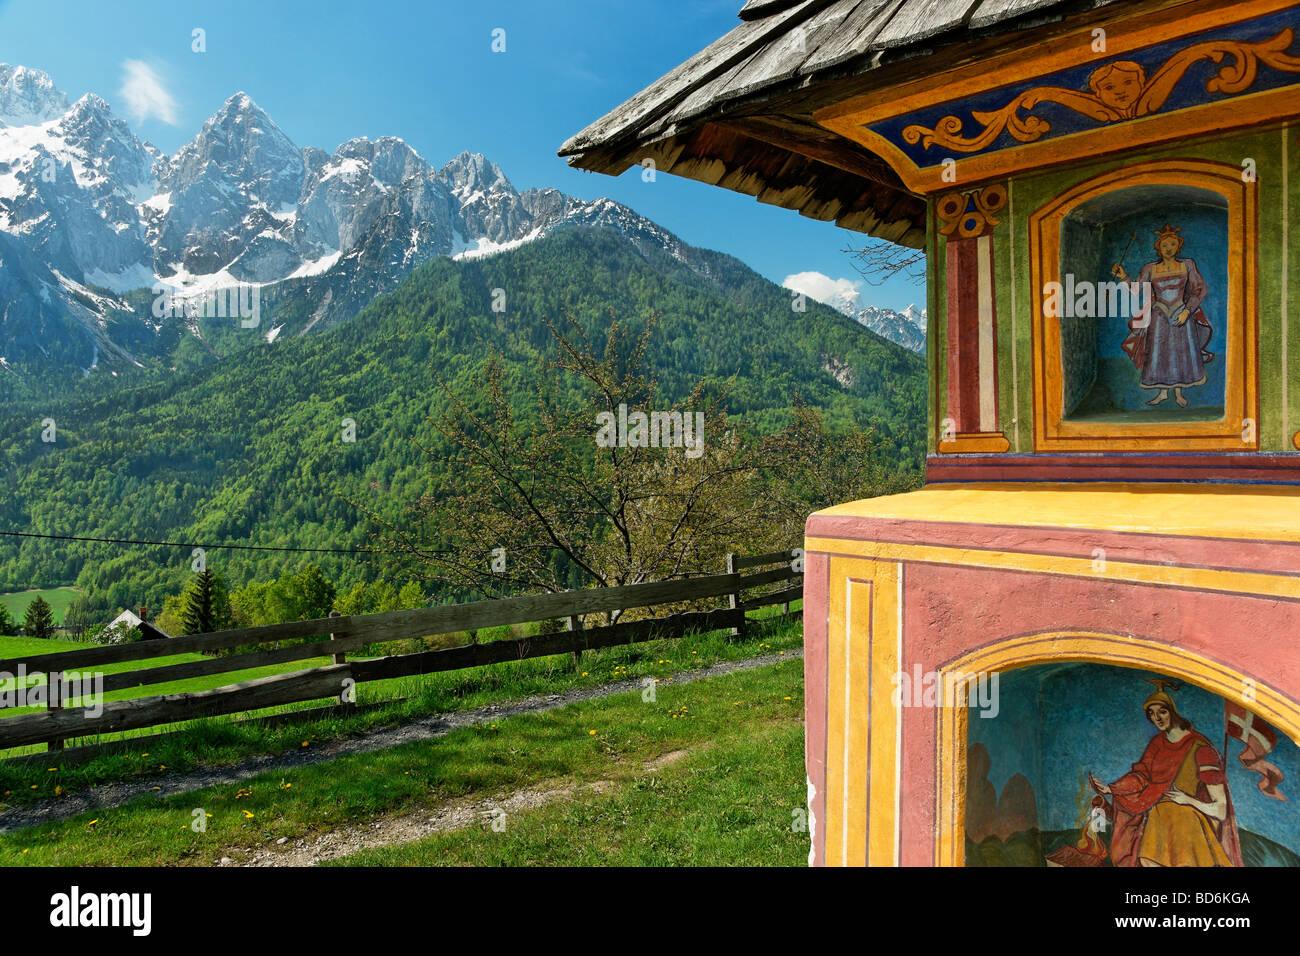 Ein Bildstock in Srednji Vrh in der Nähe von Kranjska Gora, Gorenjska, Slowenien. Stockbild